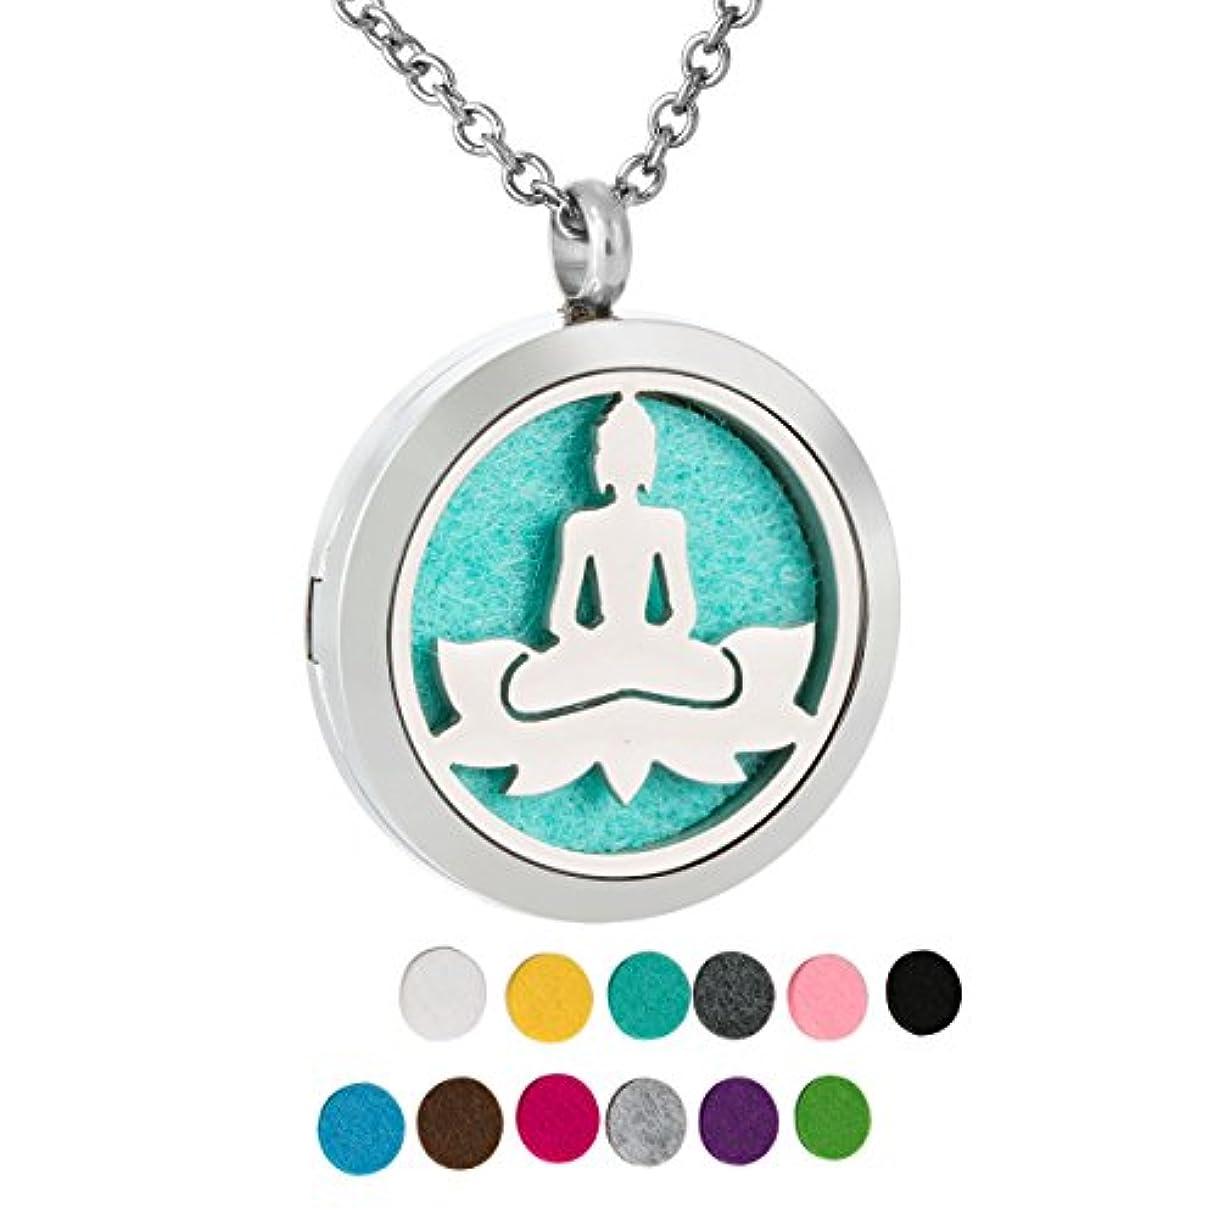 剃る誠実健康的ZARABE Aromatherapy Essential Oil Diffuser necklace-lotusロケットペンダント、12 pcカラフルRefill Pads